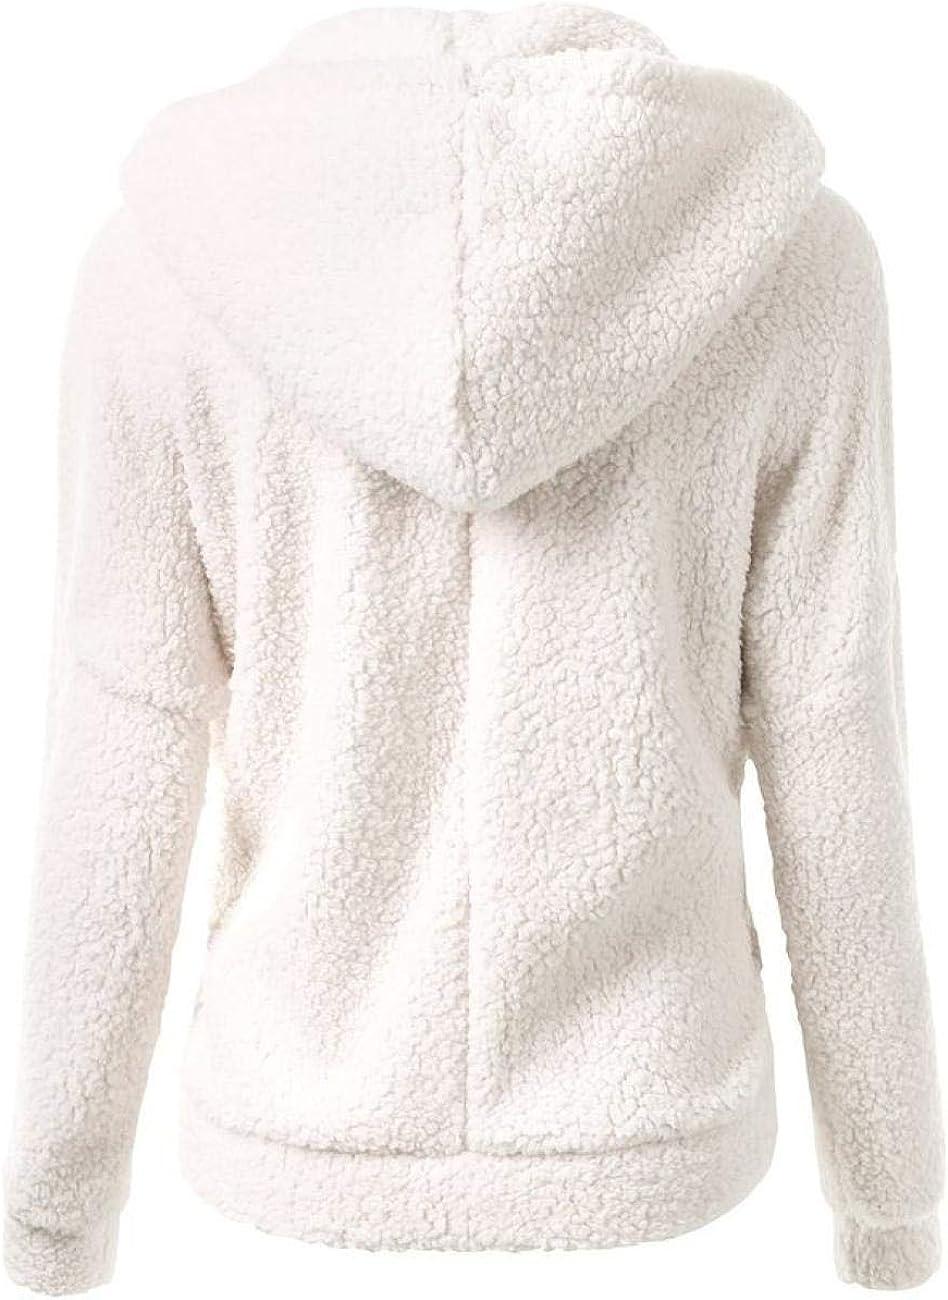 WBHMVMZ Kapuzenpullover Langarm-Pullover Reißverschluss Strickjacke Herbst und Winter einfarbig Outdoor-Freizeit Weiß